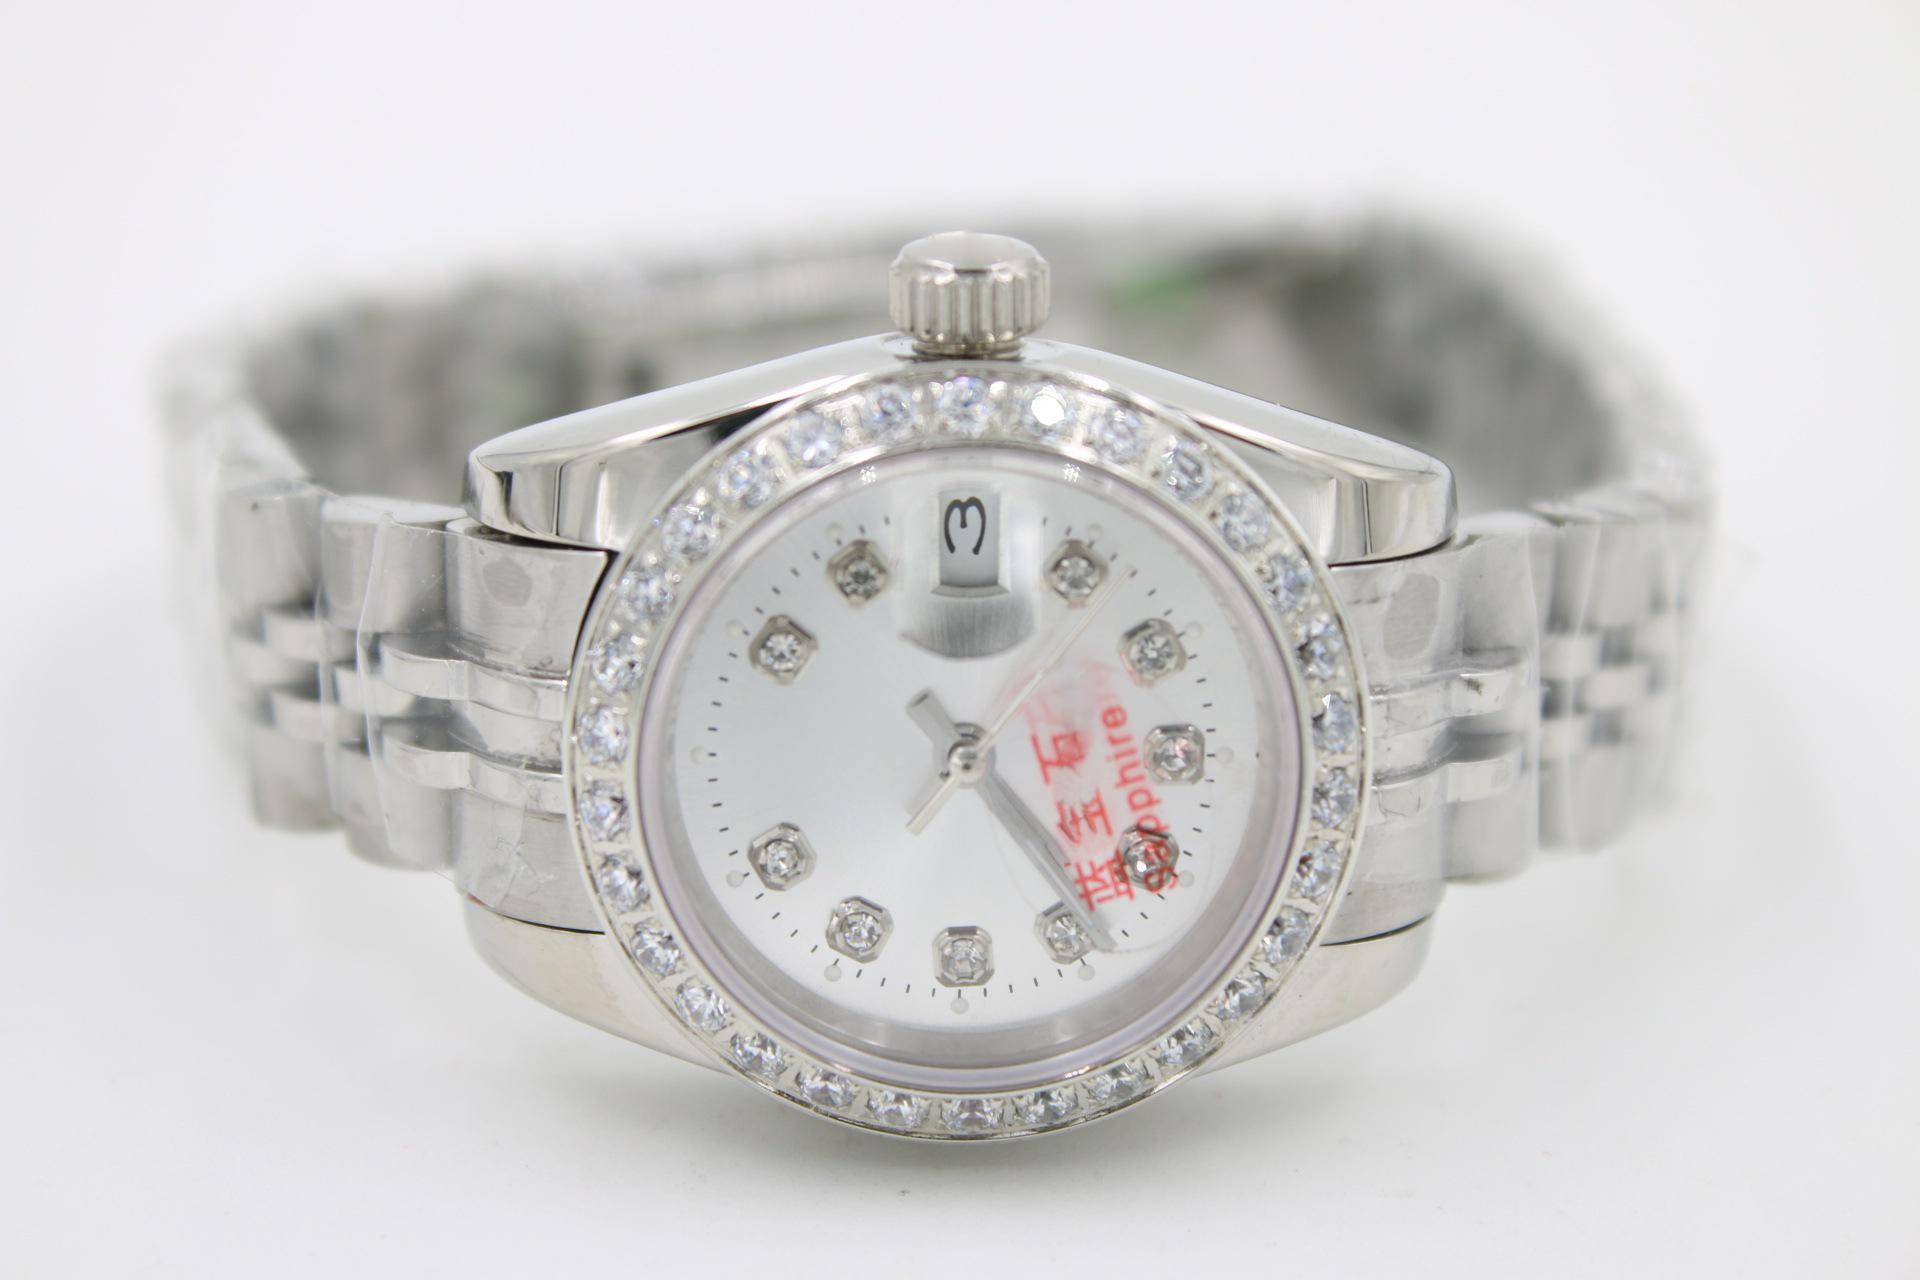 26 ملليمتر - 28 ملليمتر الأزياء الماس النساء الجليد الأزرق الميكانيكية الحركة التلقائي العلامة السيدات الرجال datejust رجل الماس الساعات ووتش المعصم